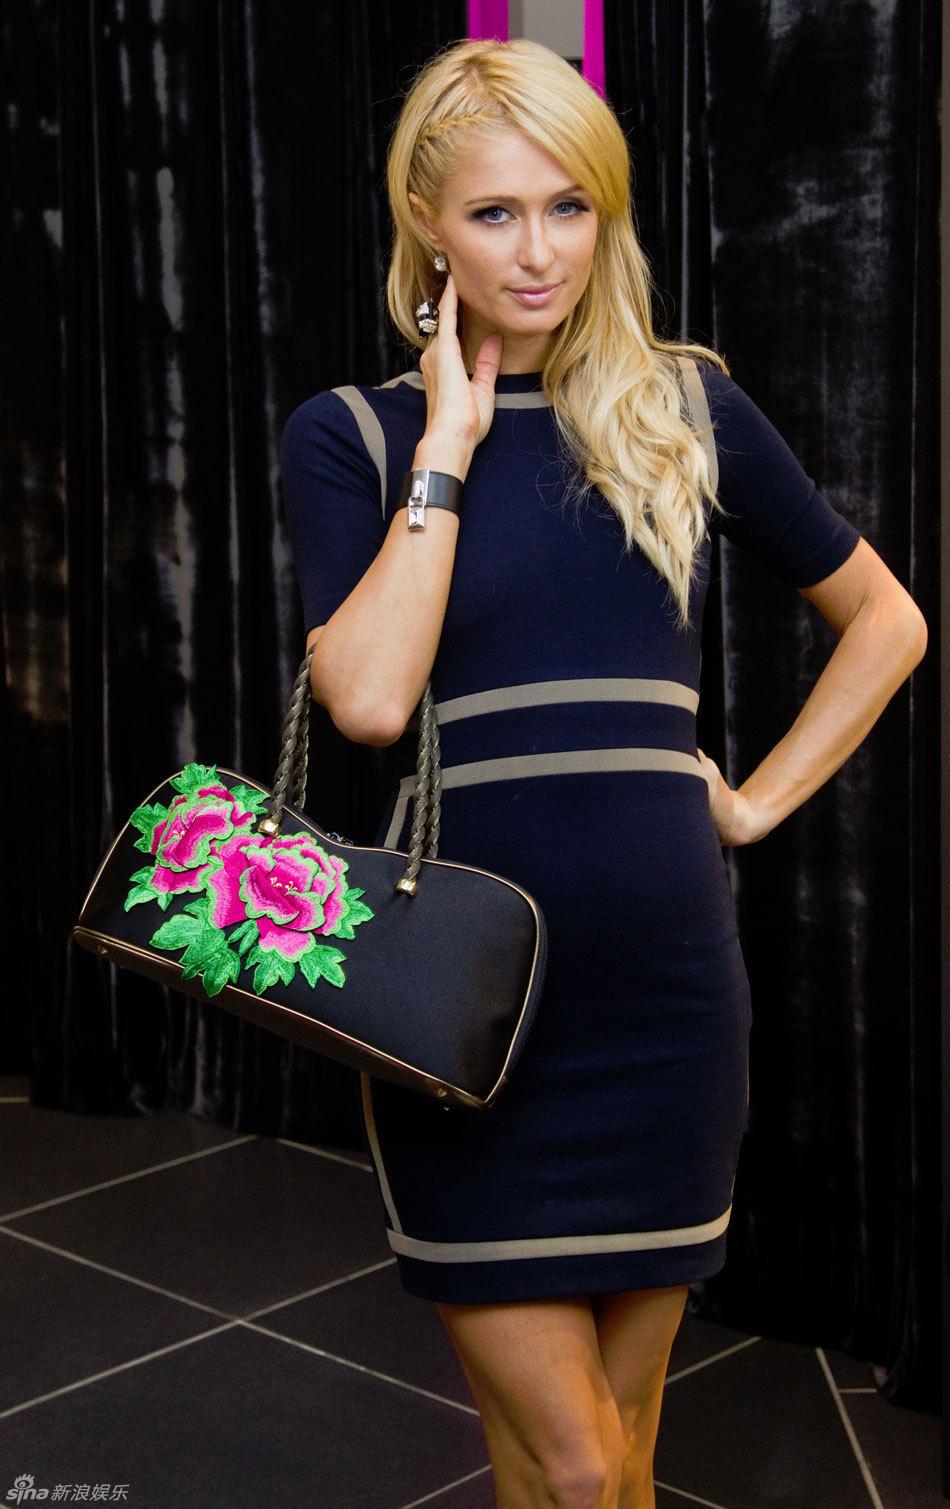 帕丽斯 希尔顿上海购物 穿旗袍秀婀娜身段引围观